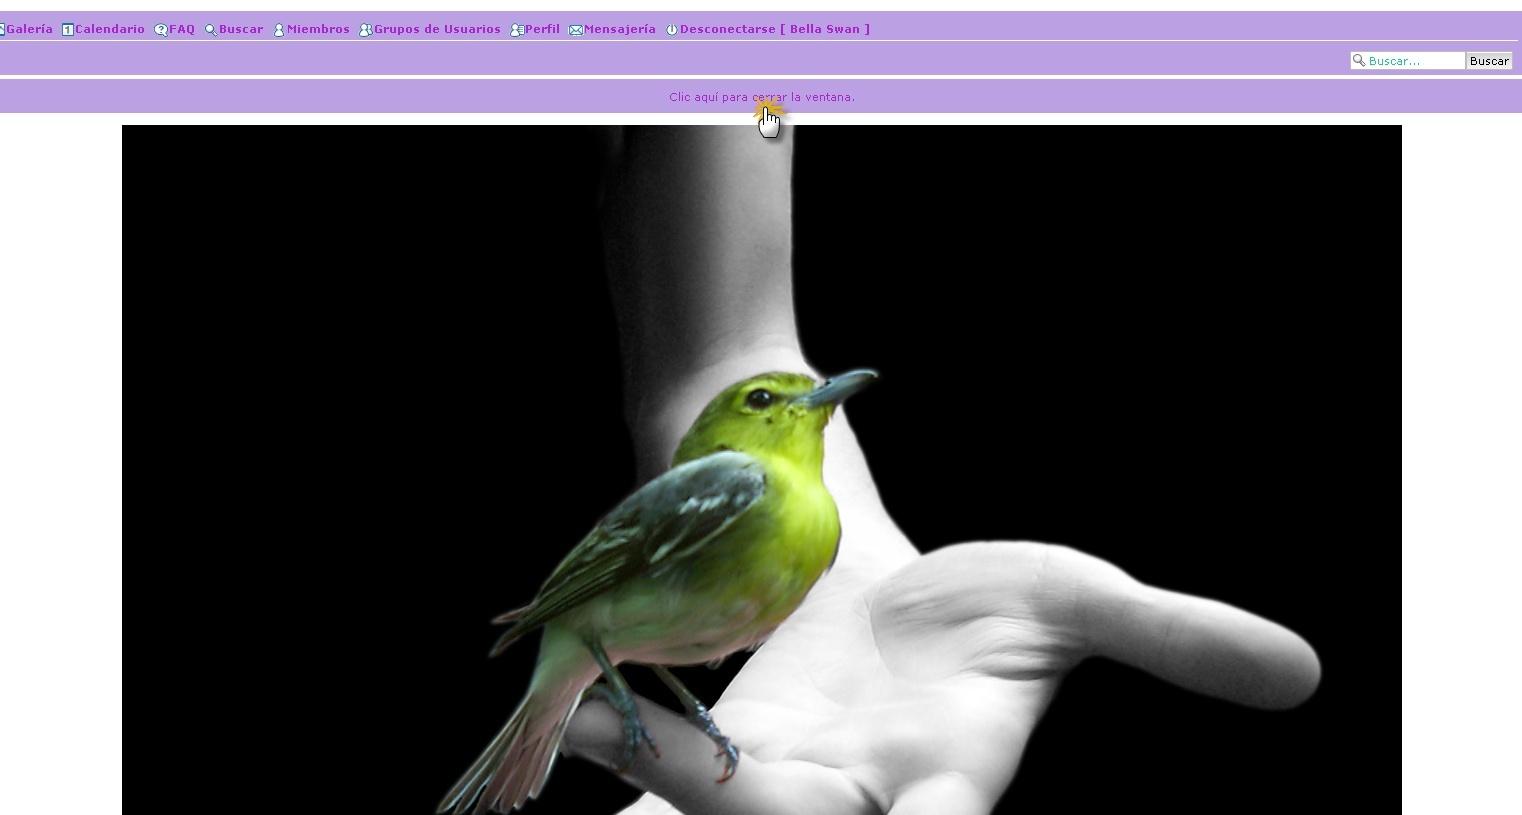 aumentar imagenes - Dimensionar automaticamente las imagenes en los temas Img310